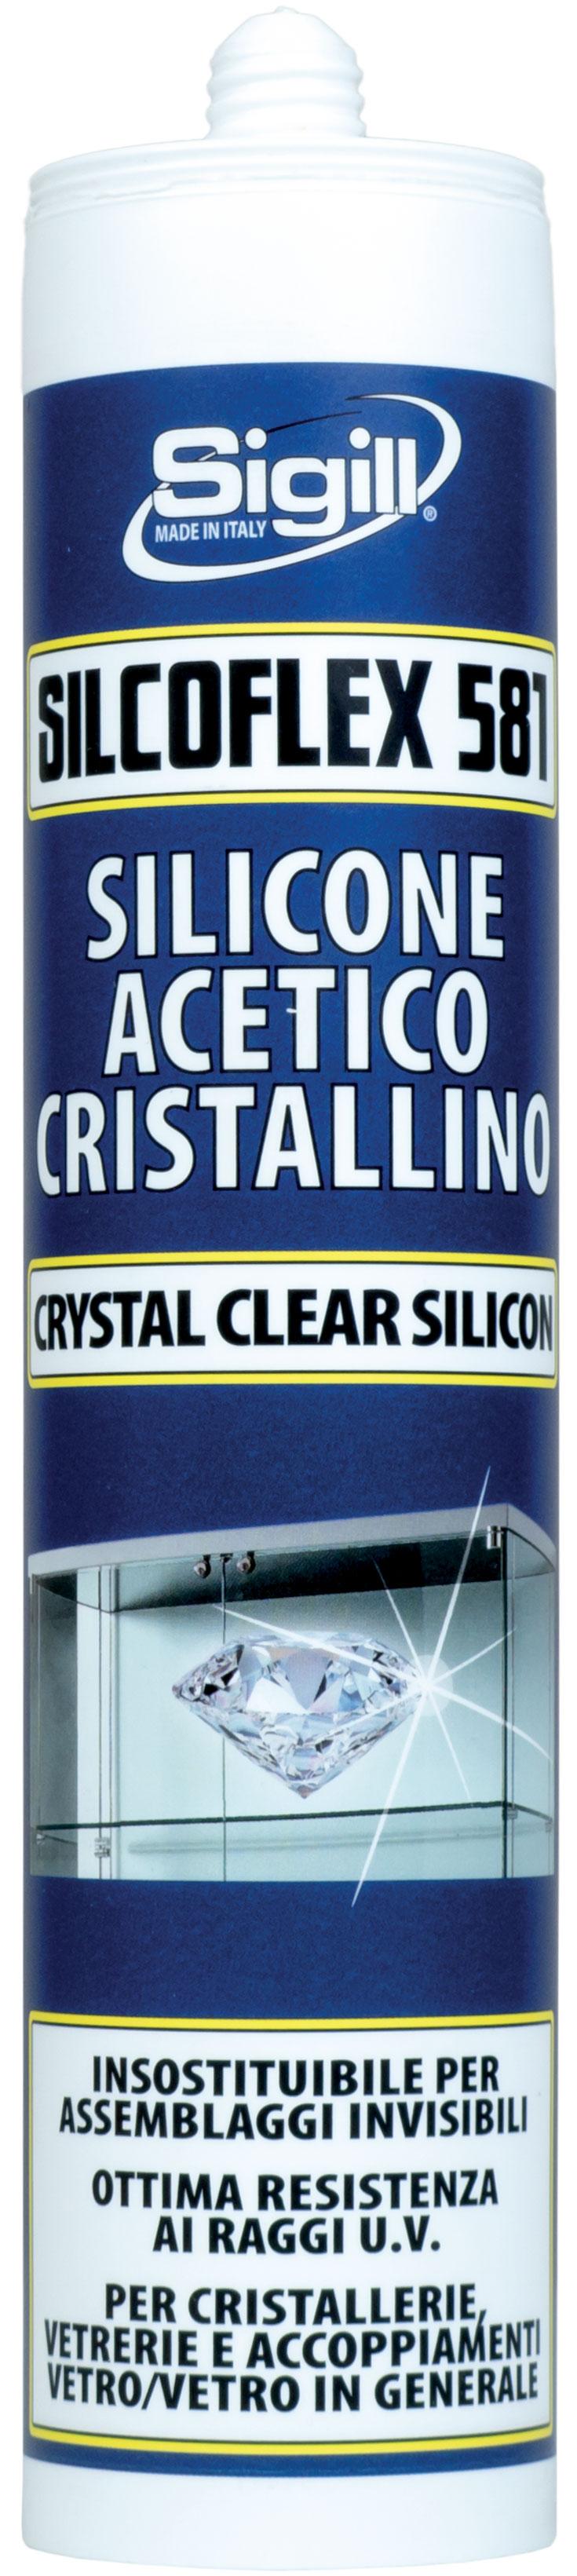 Adesivo Per Vetrai silcoflex 581 cristallino | prodotti | sigill